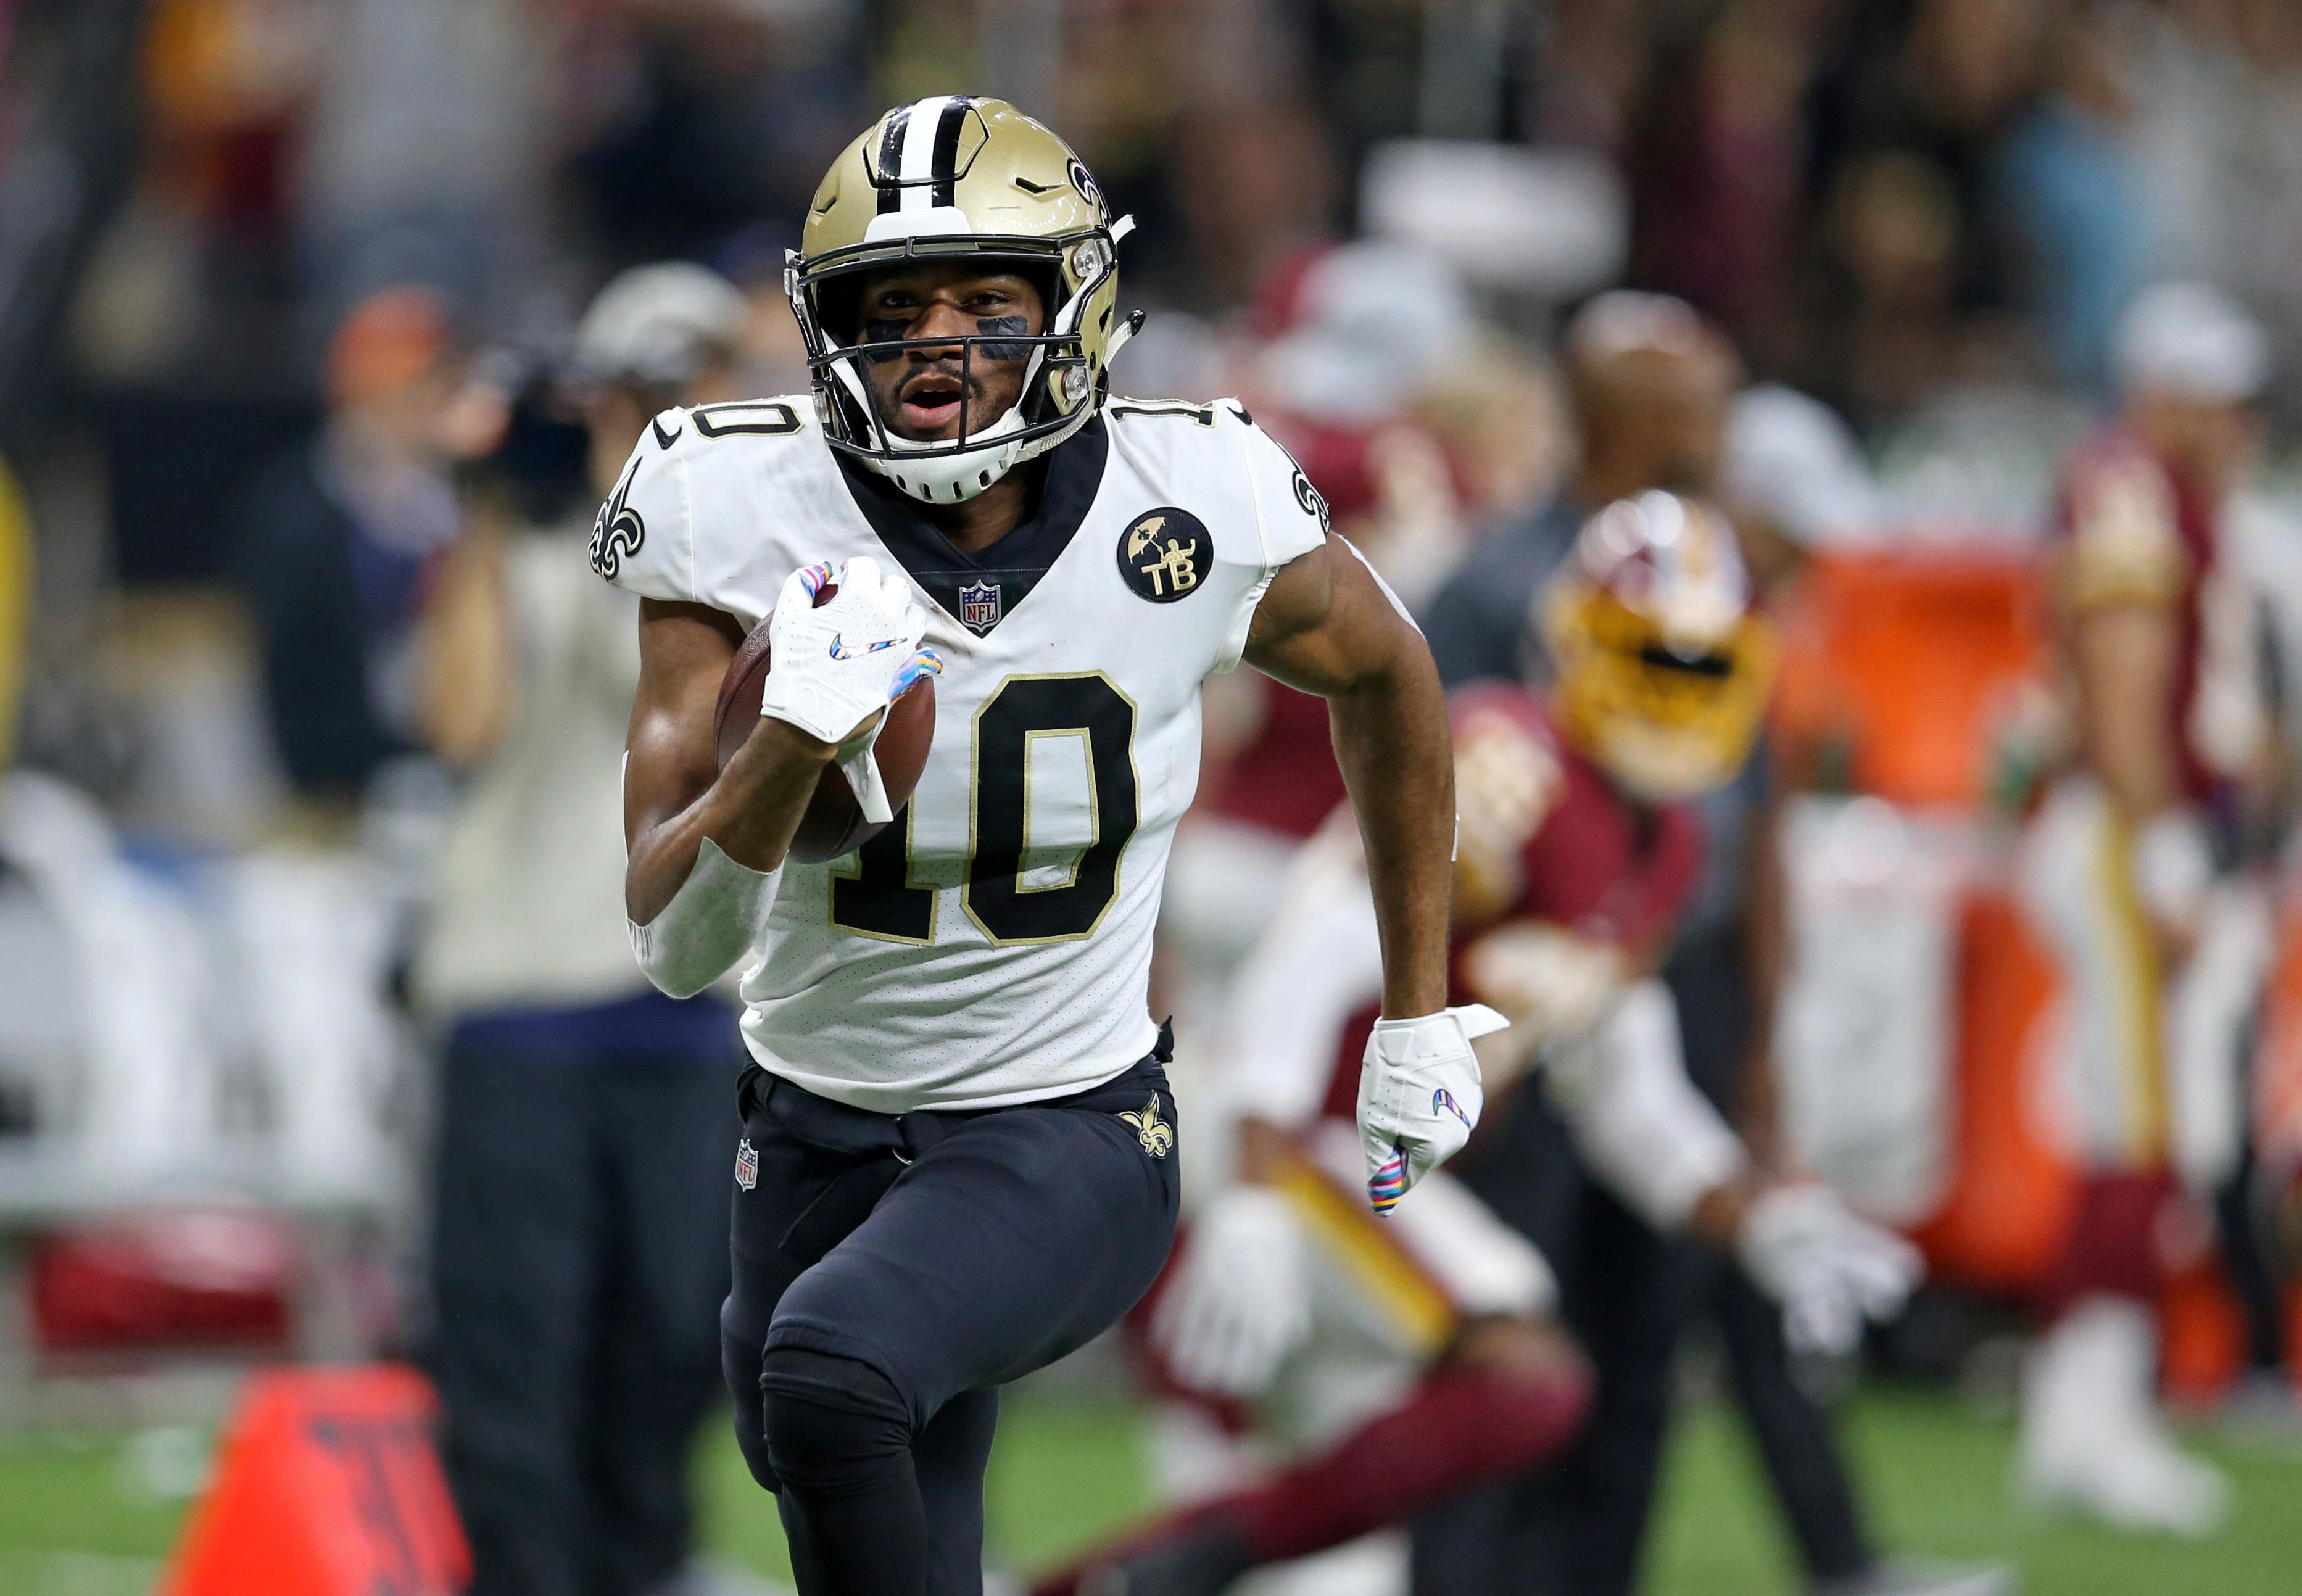 NFL: Washington Redskins at New Orleans Saints